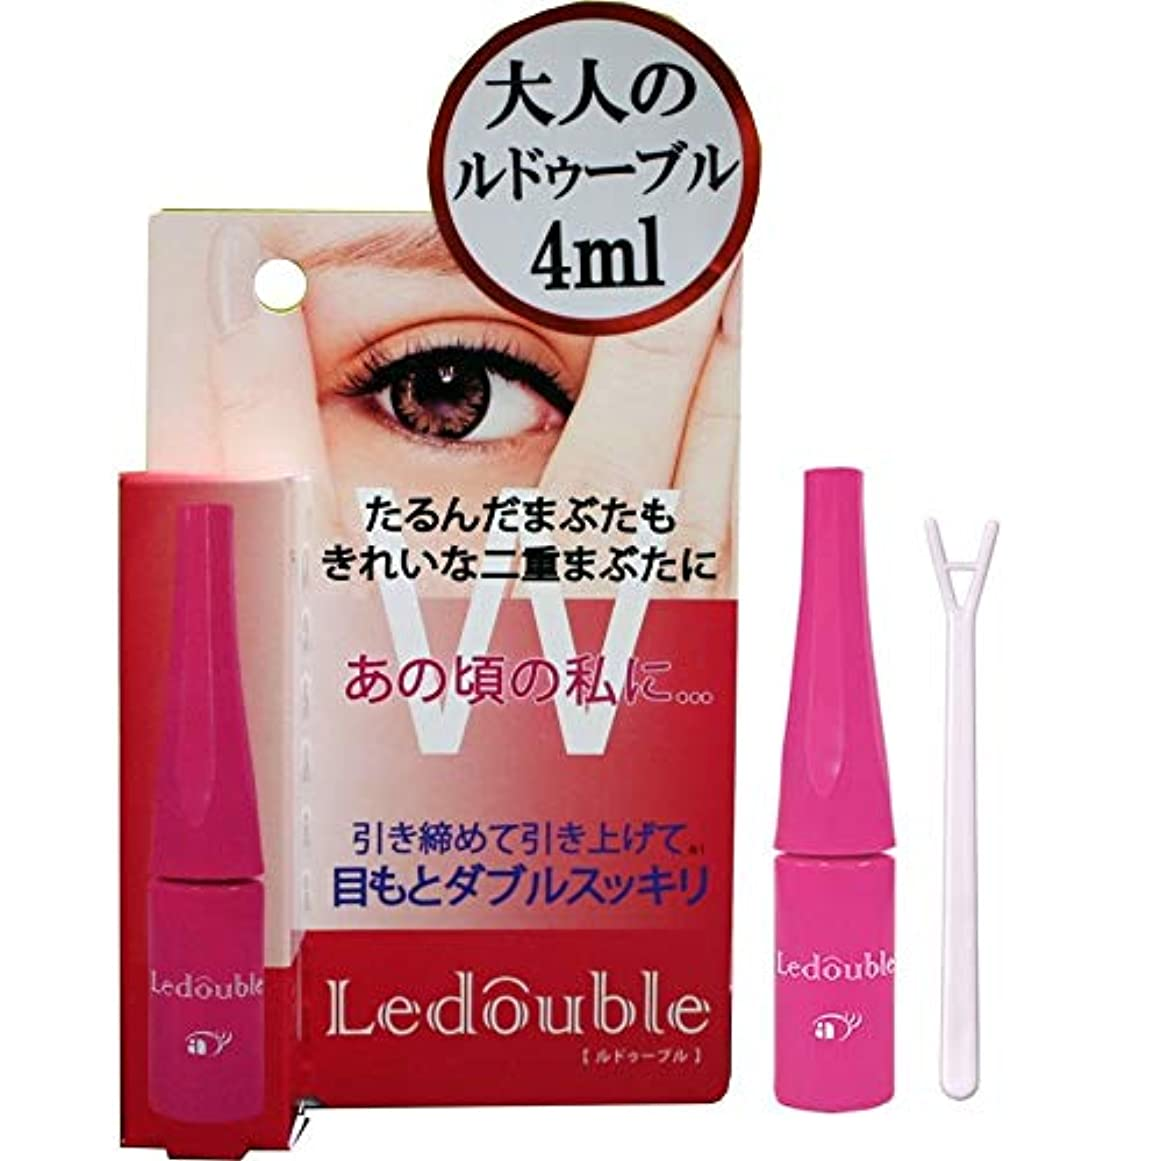 大人のLedouble [大人のルドゥーブル] 二重まぶた化粧品 (4mL)